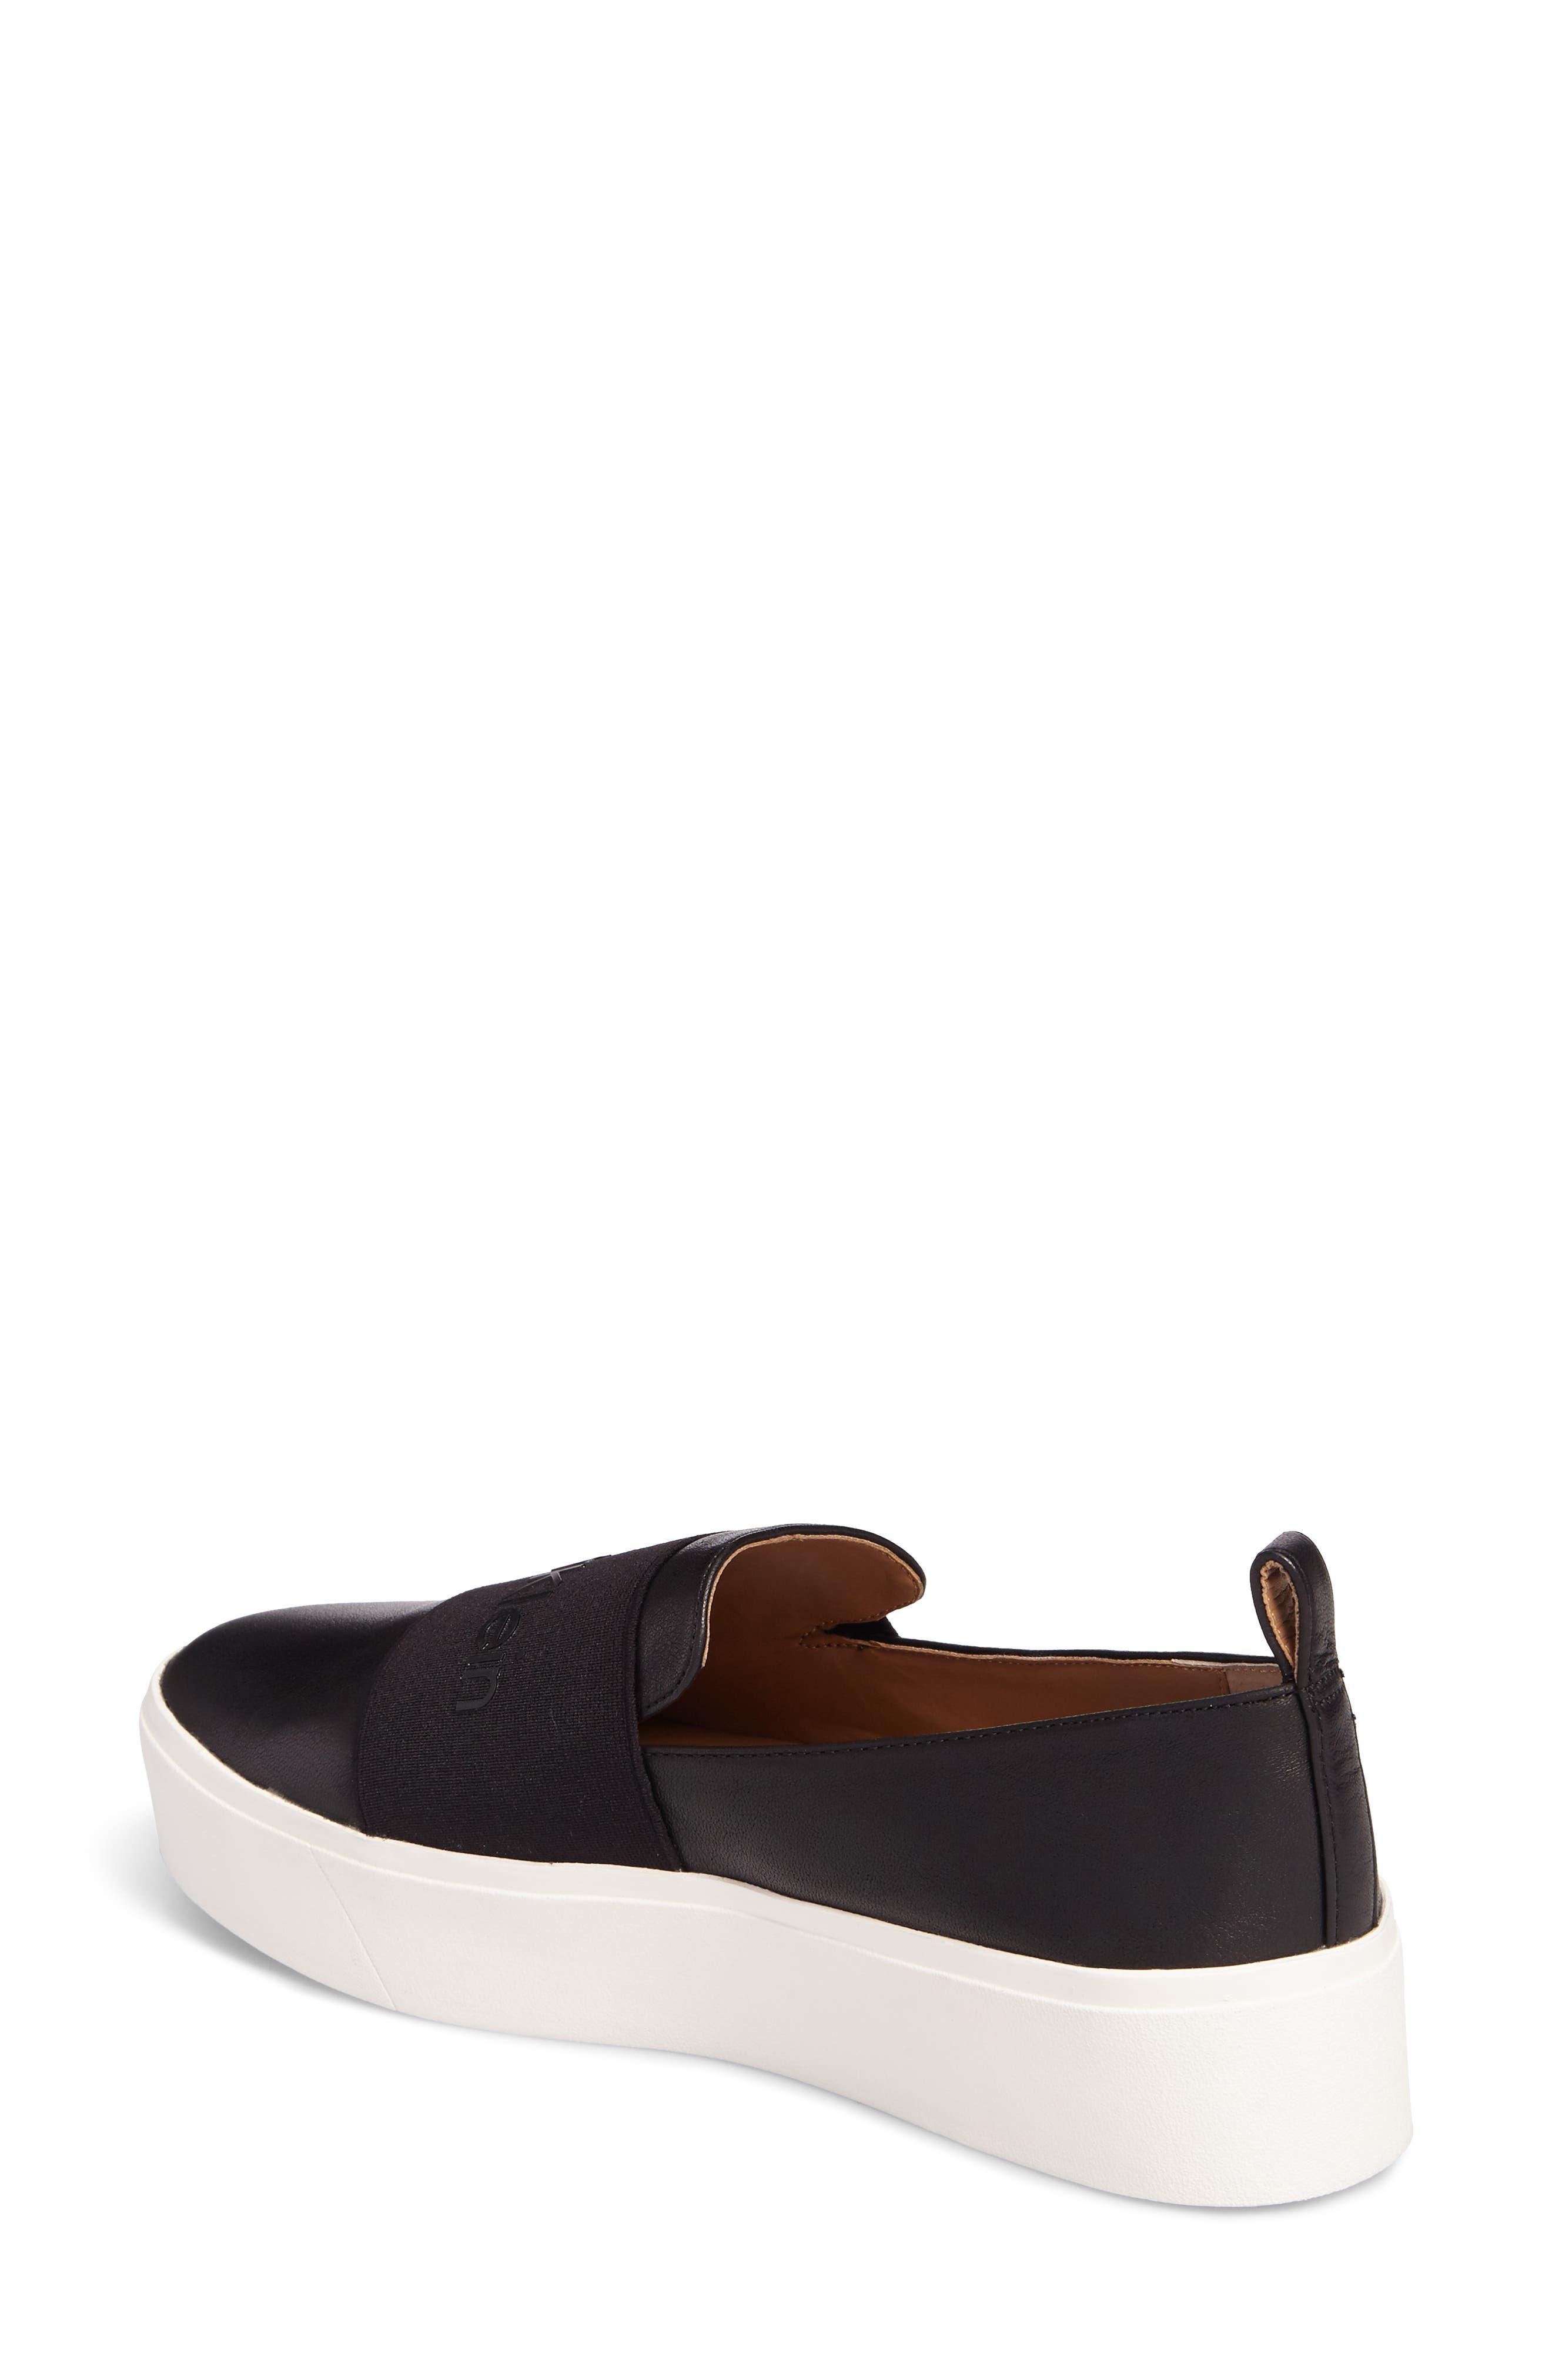 Alternate Image 2  - Calvin Klein Jacinta Platform Sneaker (Women)